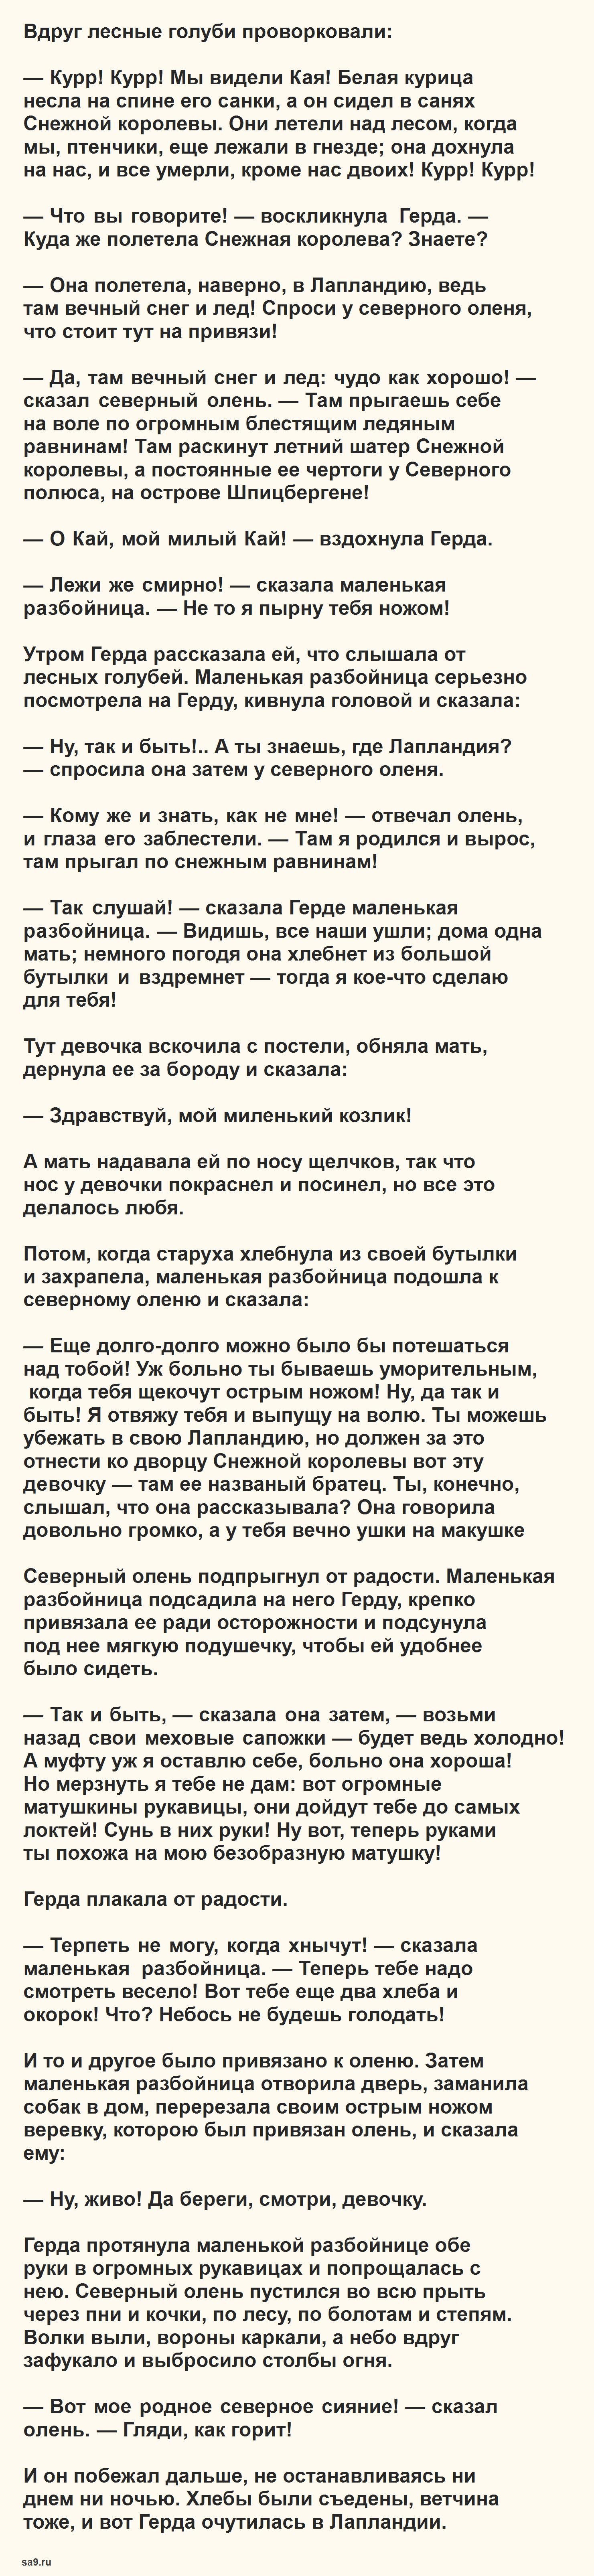 Снежная королева – сказка Ганса Христиана Андерсена, онлайн